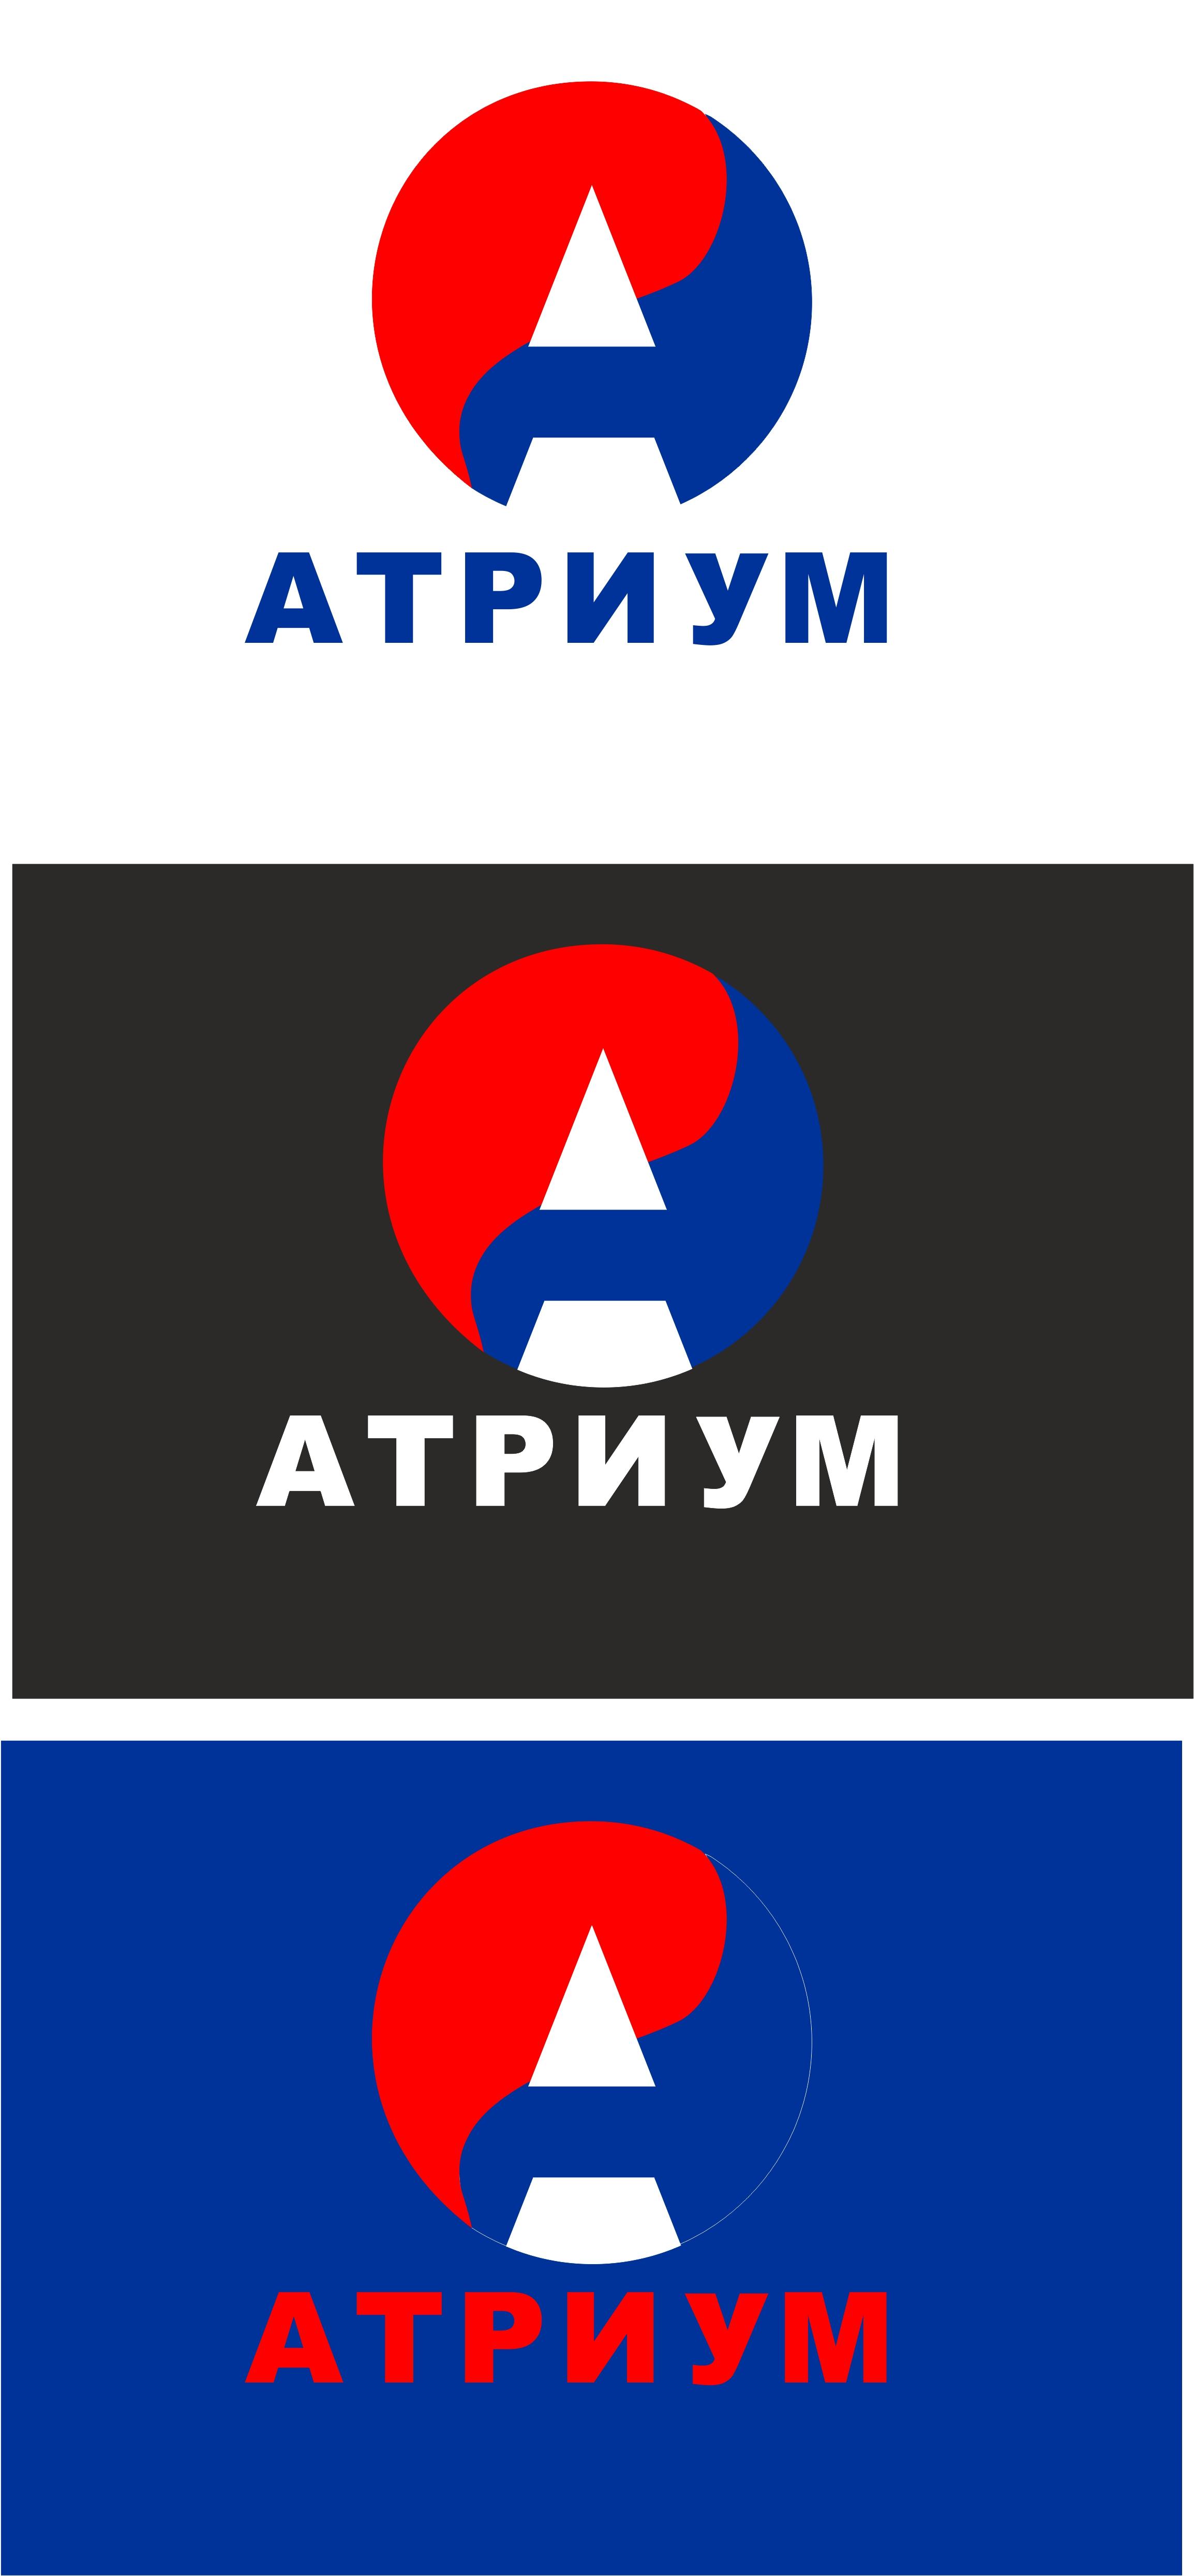 Редизайн / модернизация логотипа Центра недвижимости фото f_6745bd05c6f2789d.jpg